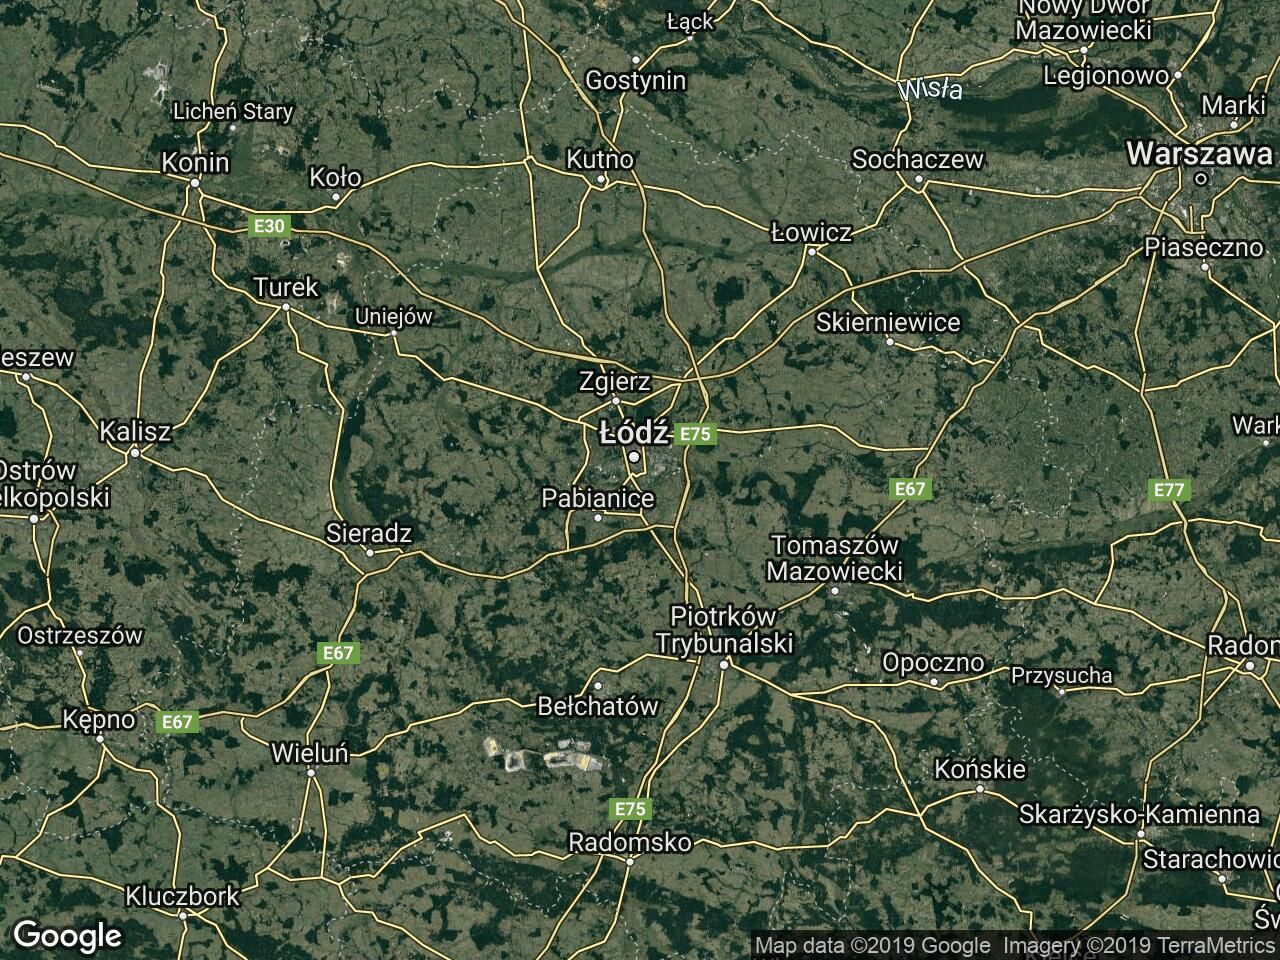 Działka inwestycyjna Łódź Górna